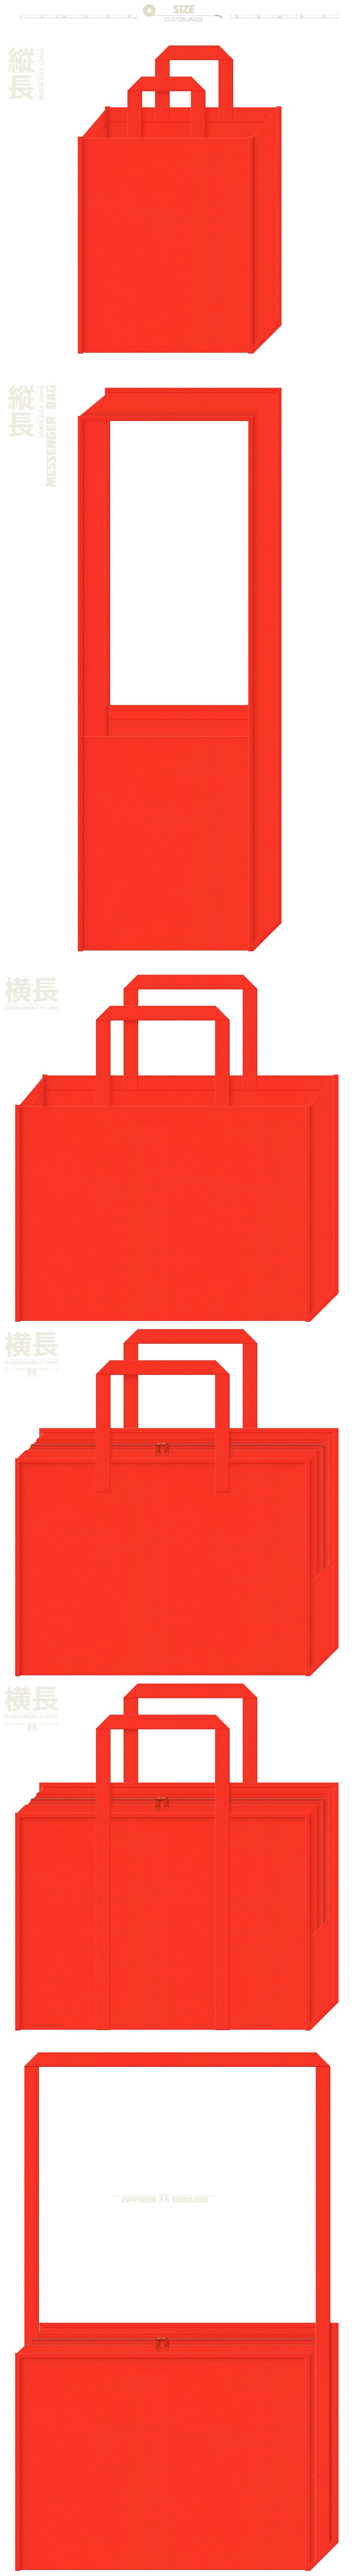 オレンジ色不織布バッグのお奨めイメージ:ハロウィン・柑橘類・ビタミン・カロチン・柿・にんじん・キッチン・ランチ・紅茶・ジュース・レスキュー・作業服・夕焼け・民話